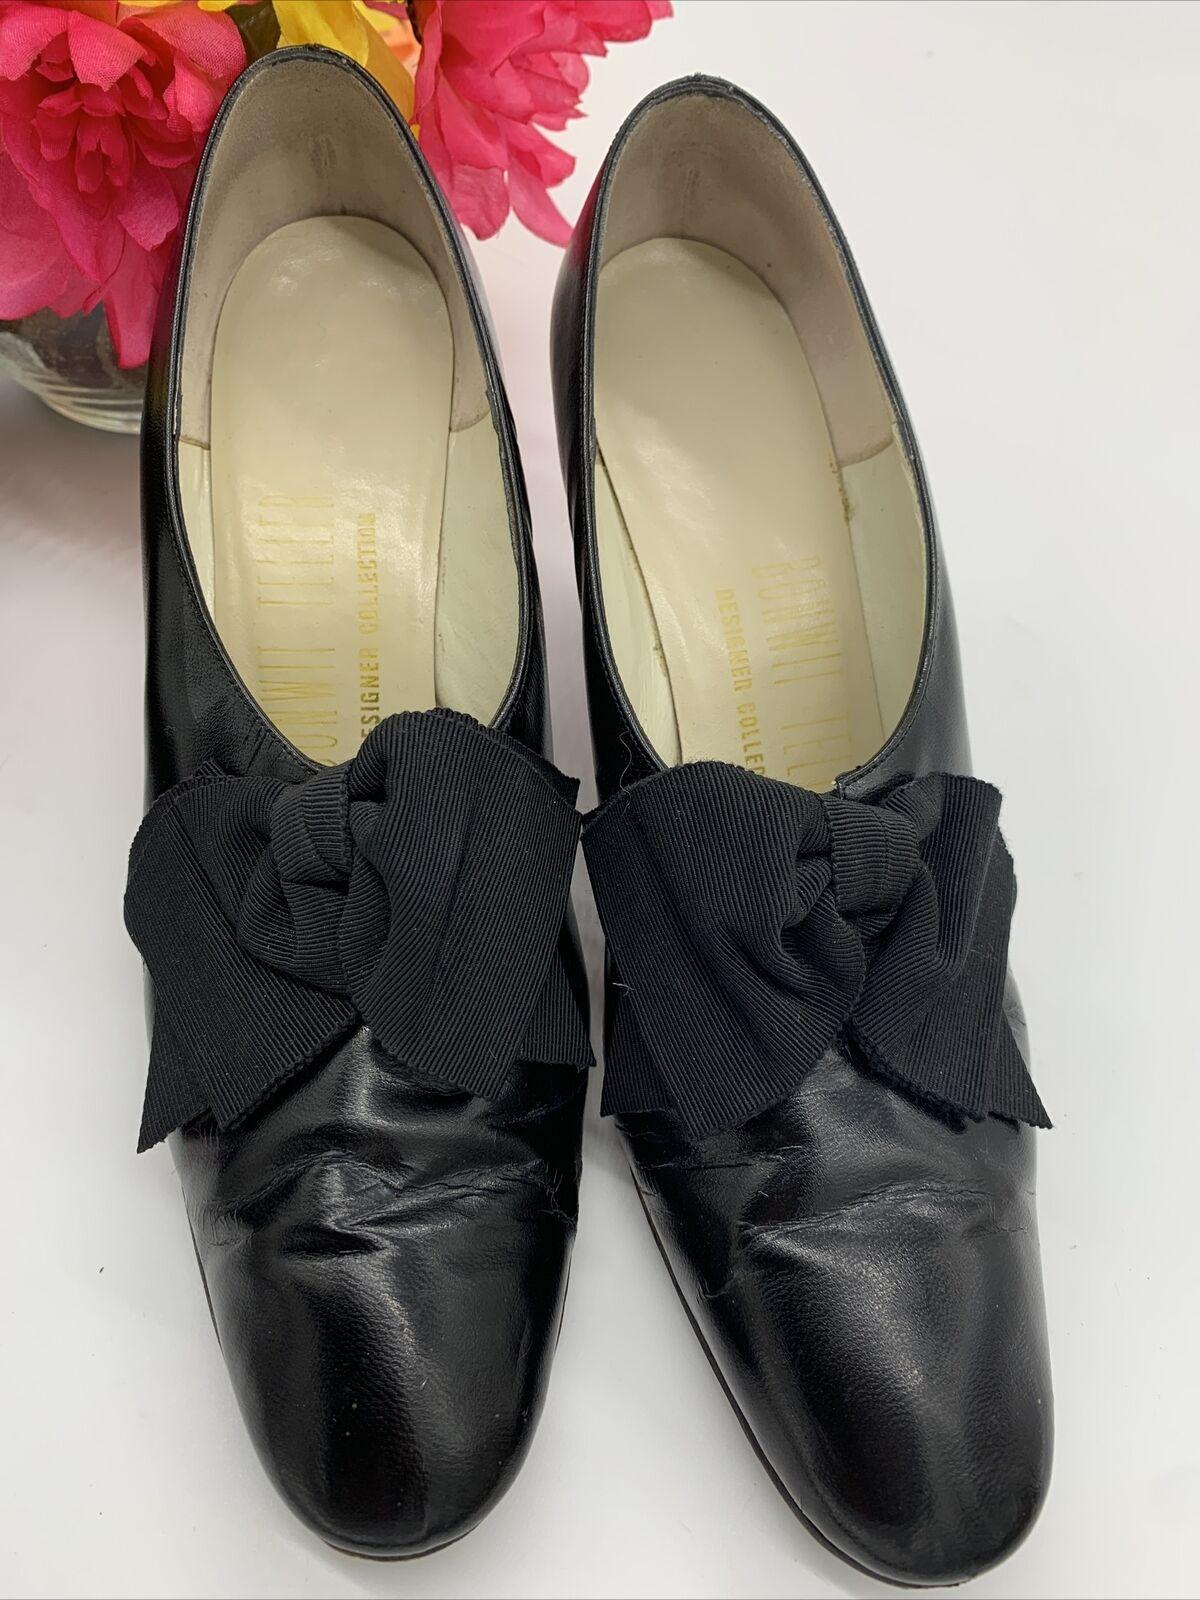 Antique Edwardian Bonwit Teller Black Leather Sho… - image 10